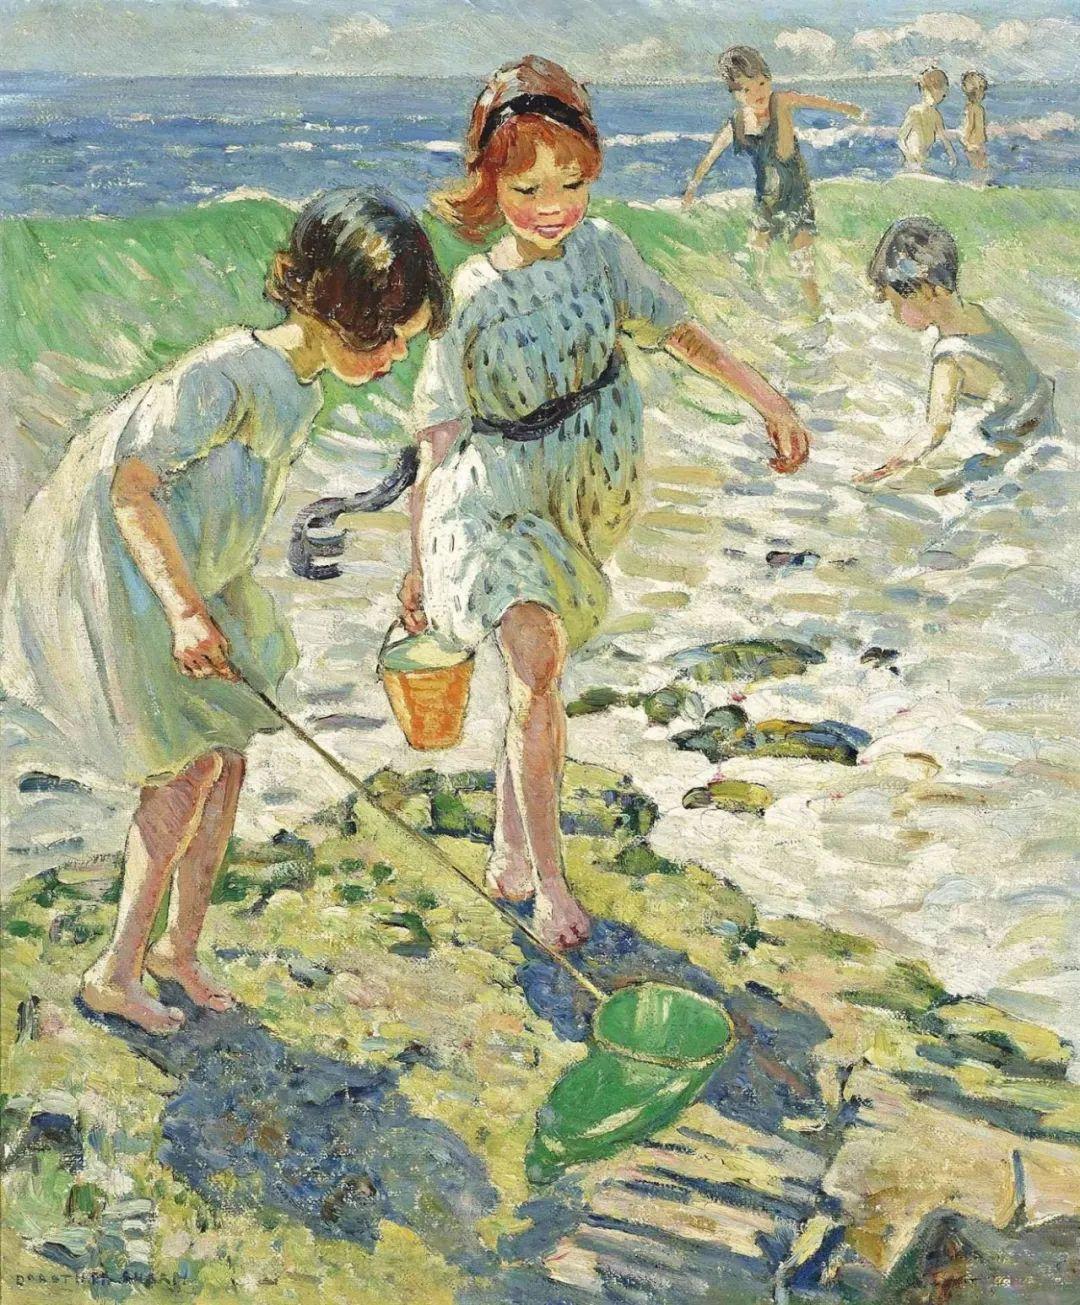 充满着写意风格的绘画,20世纪英国最伟大的女画家之一夏普插图5